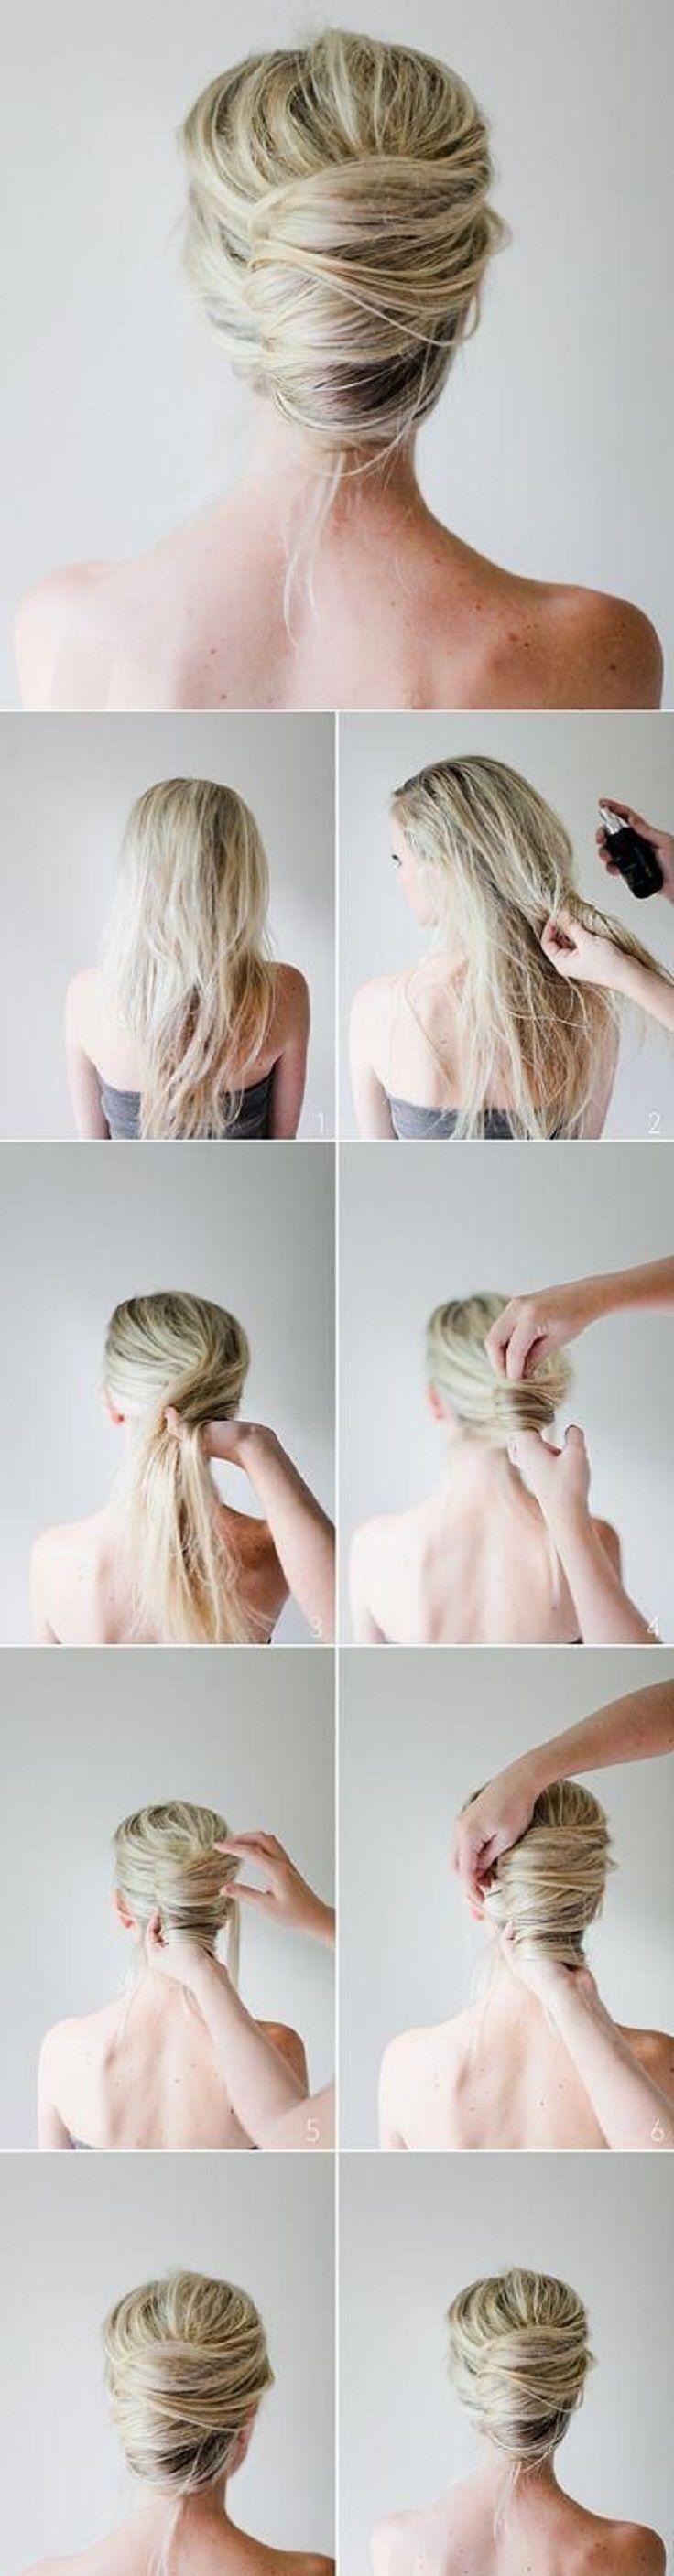 Idée tendance coupe u coiffure femme plus de